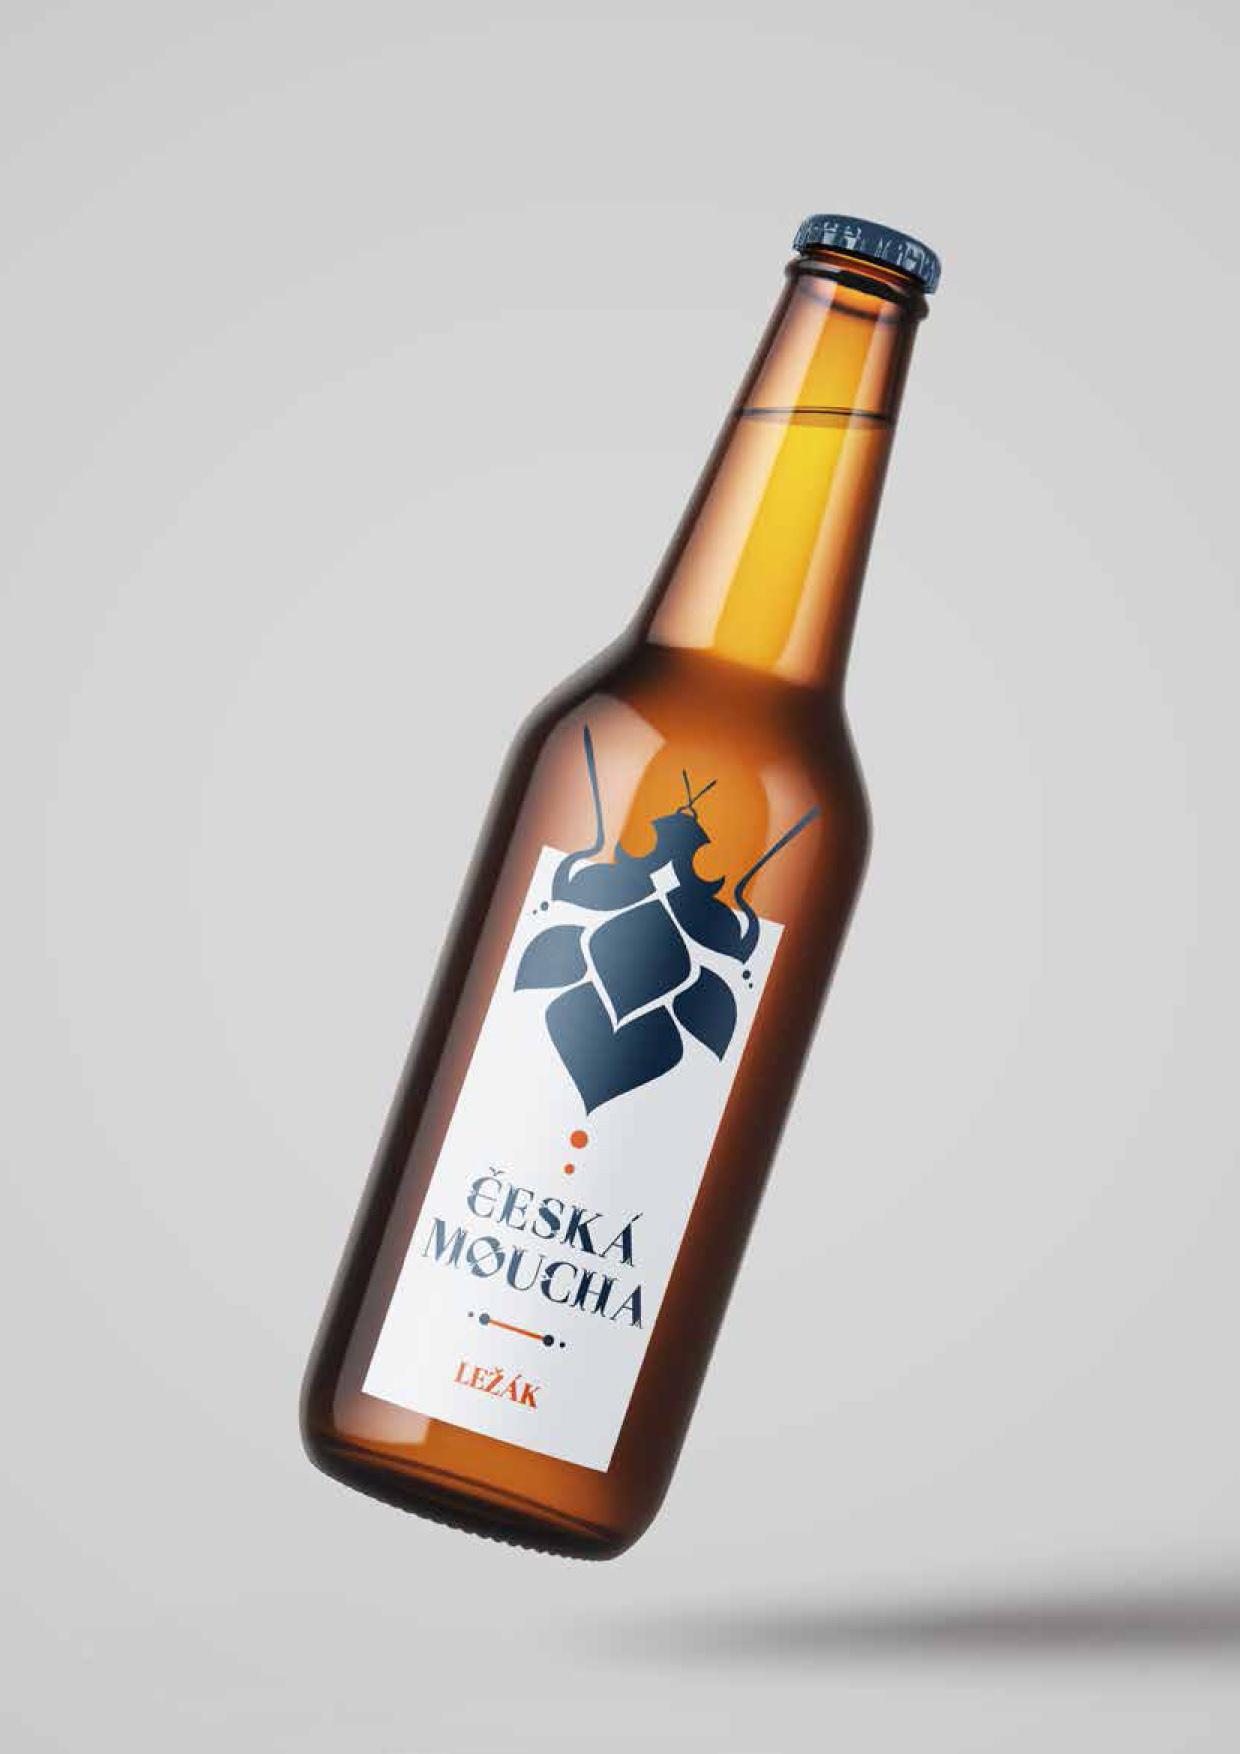 návrh značky, obalu<br> pivovar Moucha<br> semestrální práce | 1. ročník<br>2020/2021